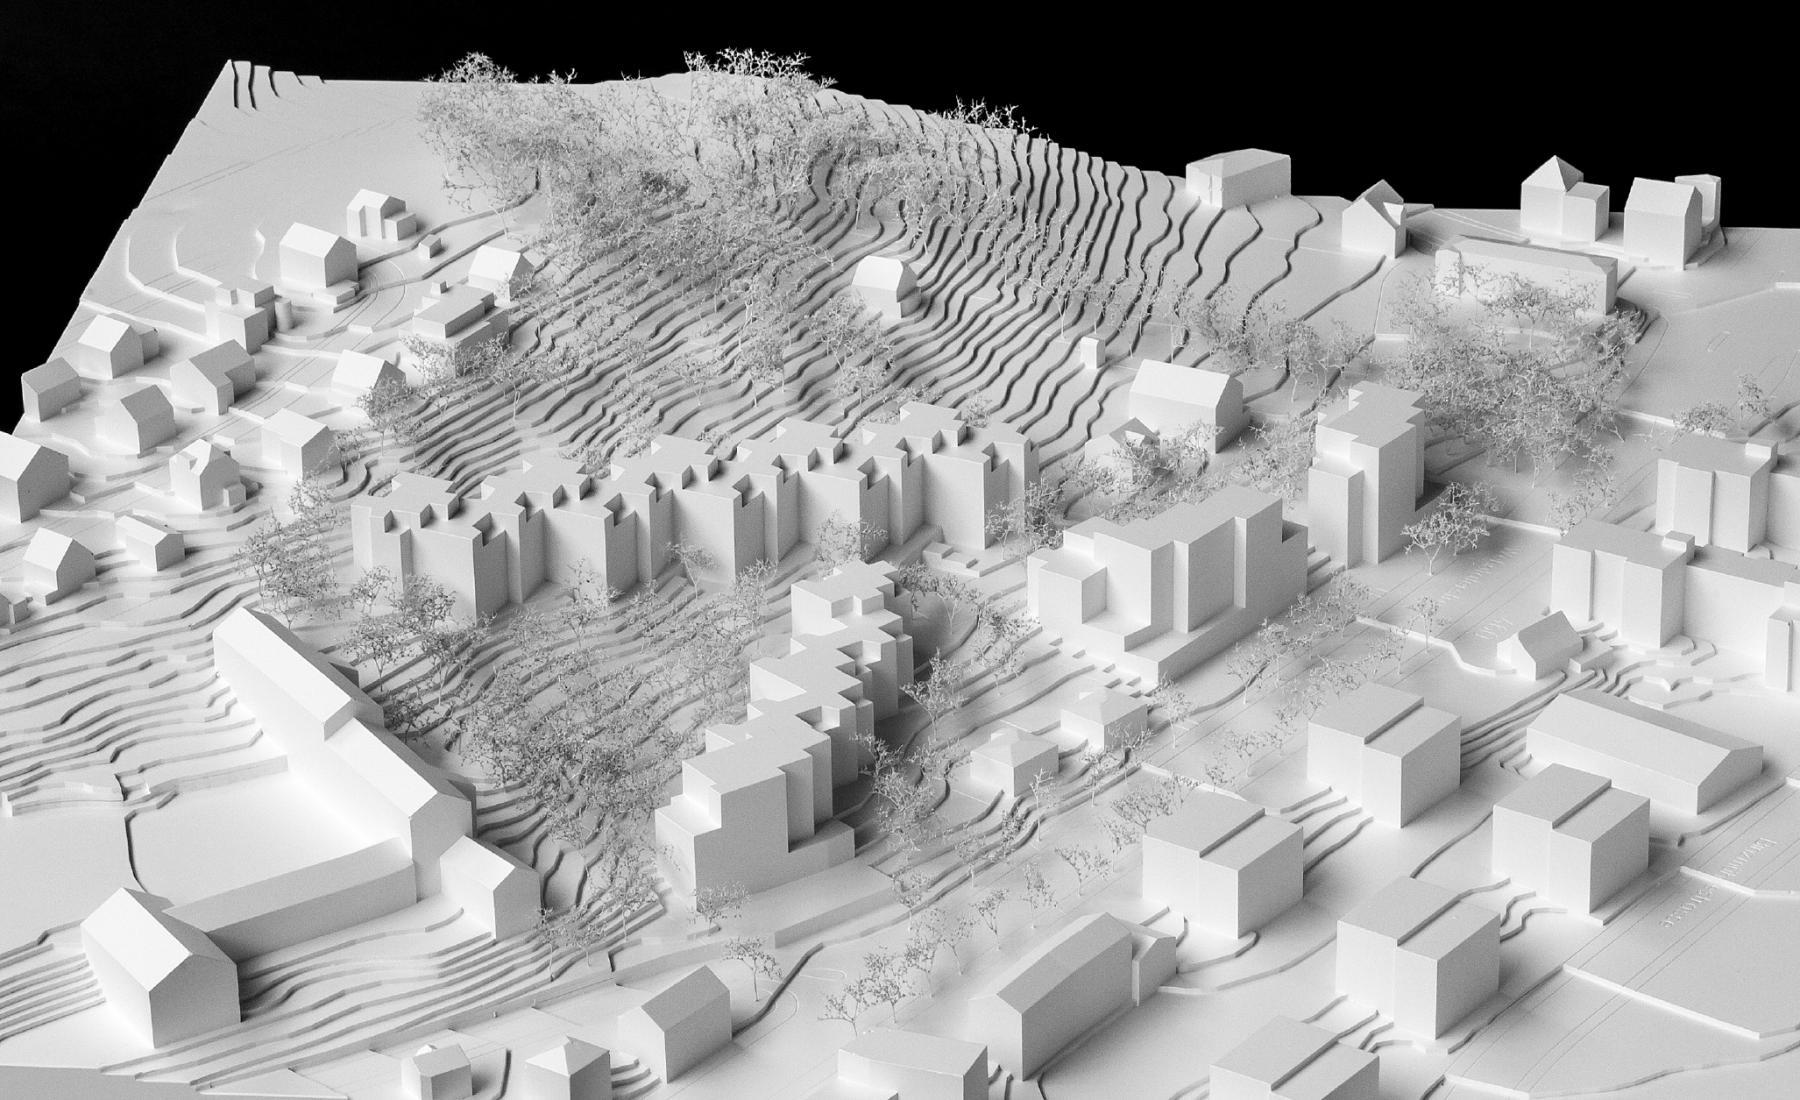 Neubau Wohnsiedlung Obsthaldenstrasse, Zürich-Affoltern, Schneider Studer Primas Architekten & atelier tp tijssen | preller landschaftsarchitekten, pranca